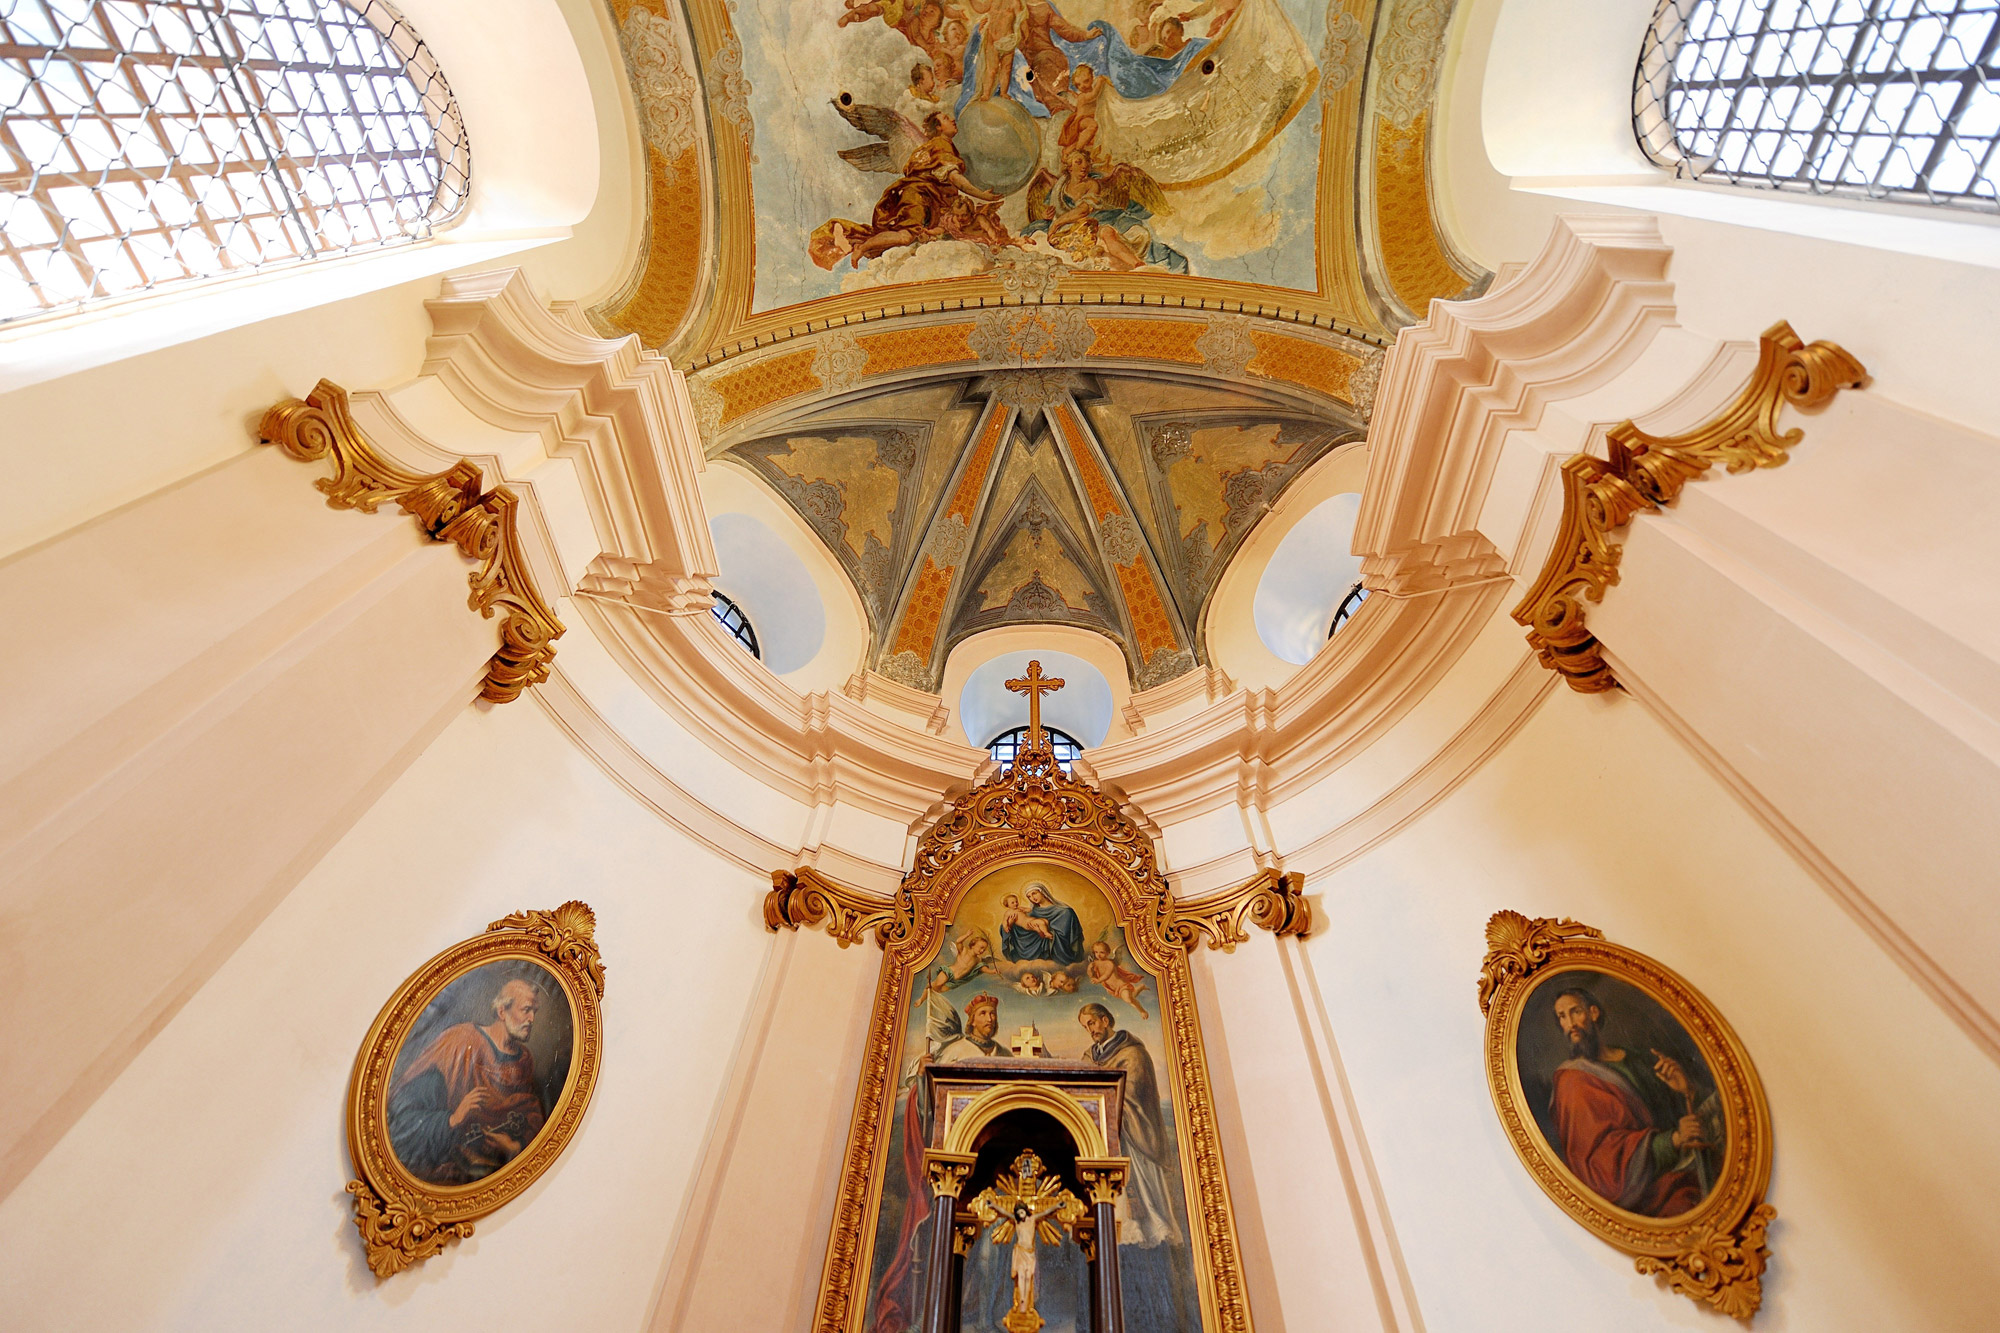 Barokke parels in Tsjechië - Het schitterende interieur van de Benedictijnenklooster in Broumov - © Jan Záliš